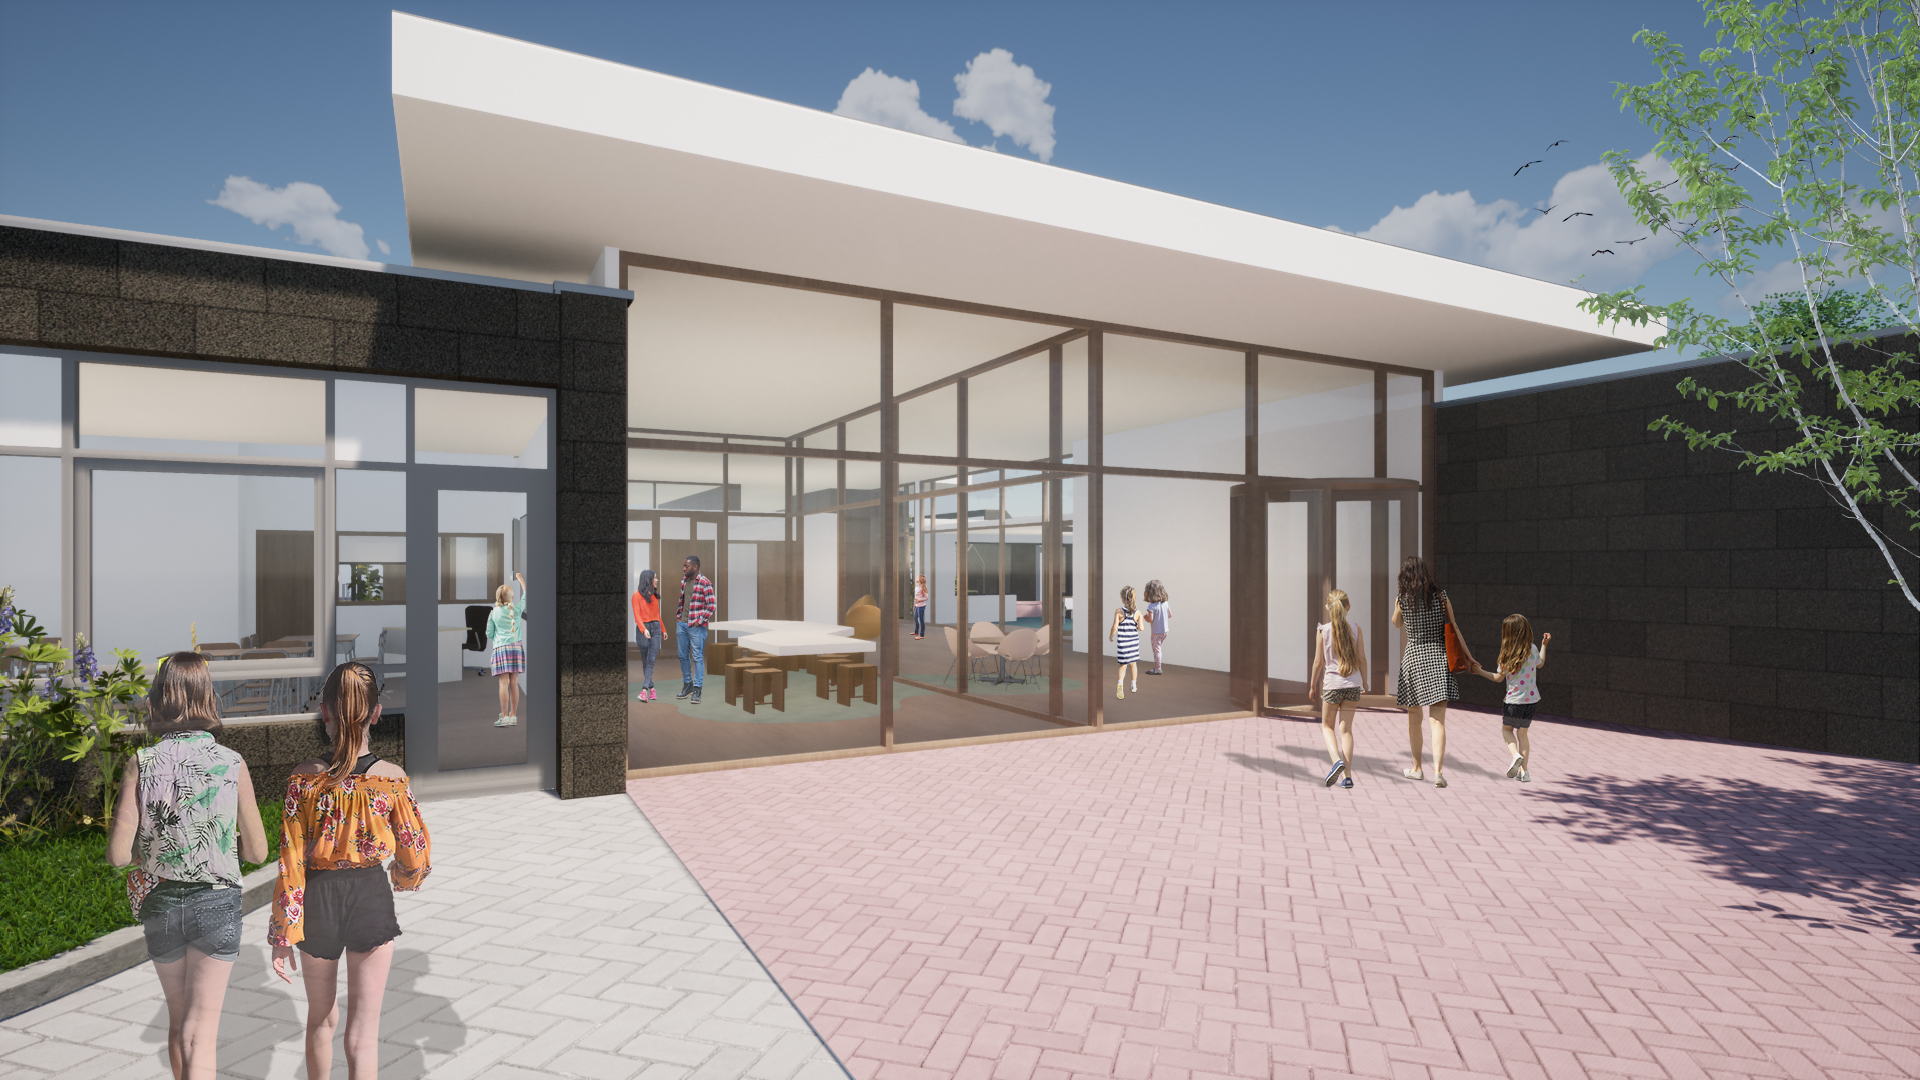 Duurzame schoolhuisvesting, Nieuwegein